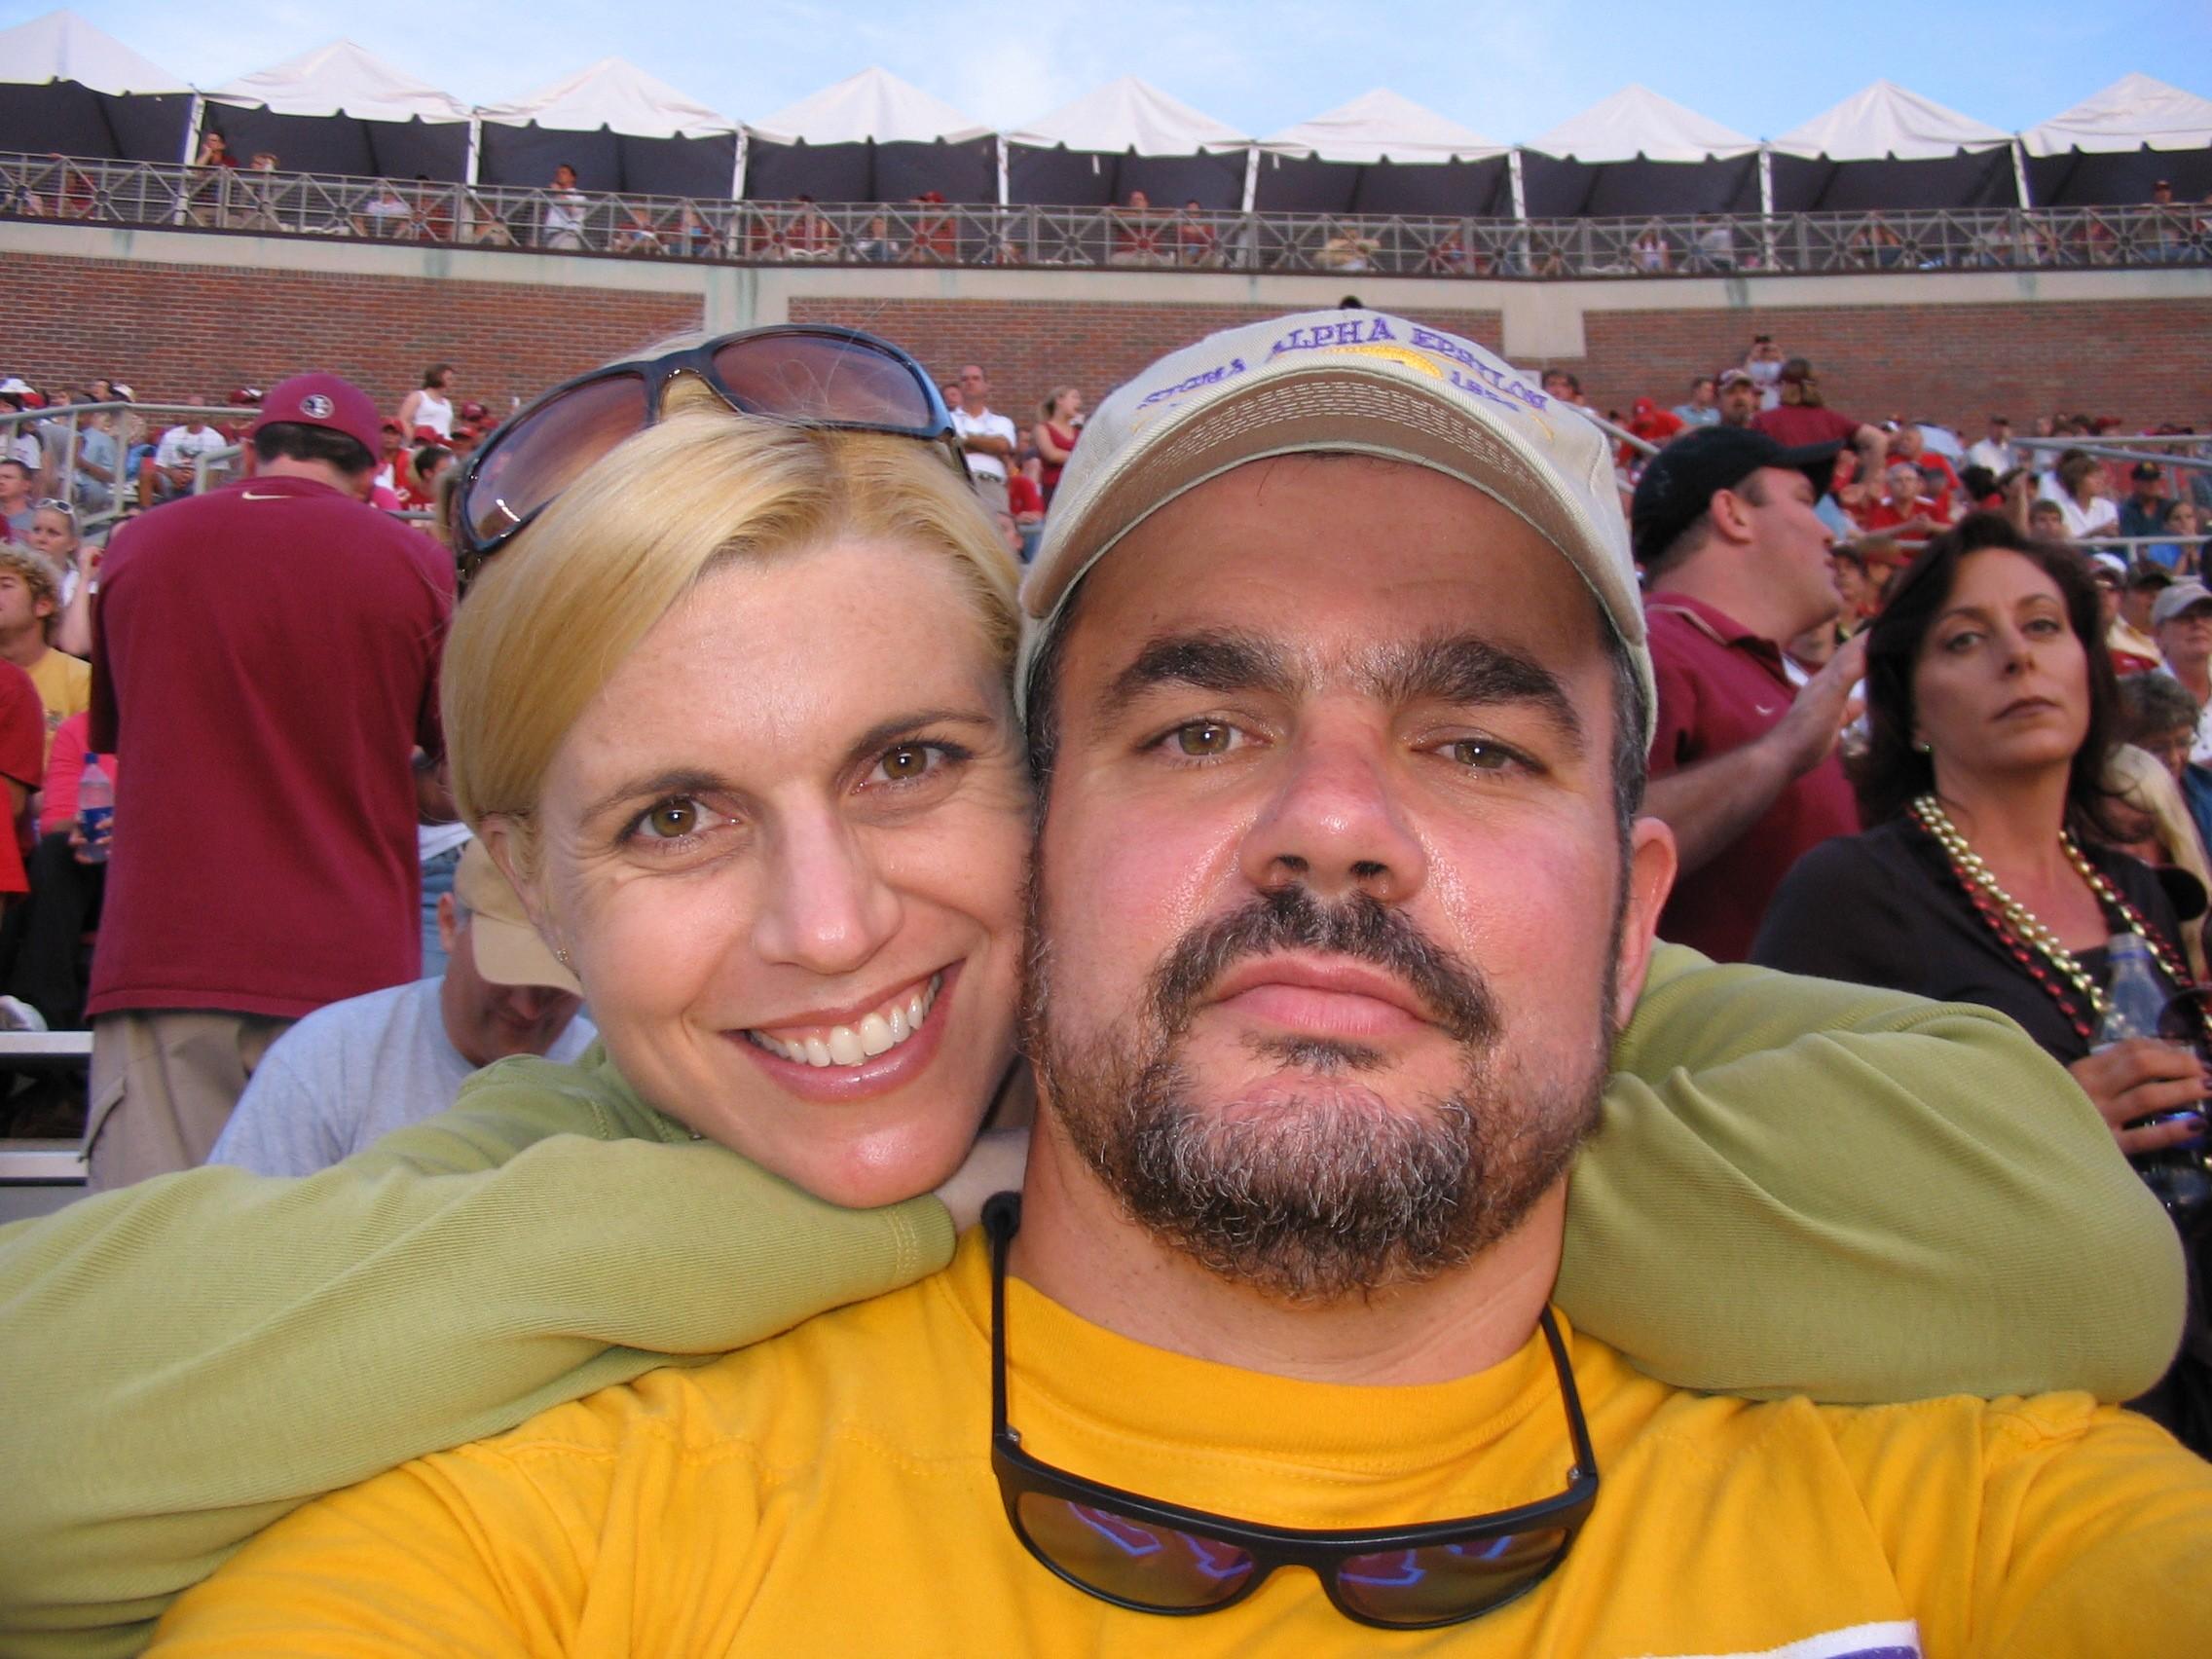 2005 alumni FSU game - Sabu and wife.JPG